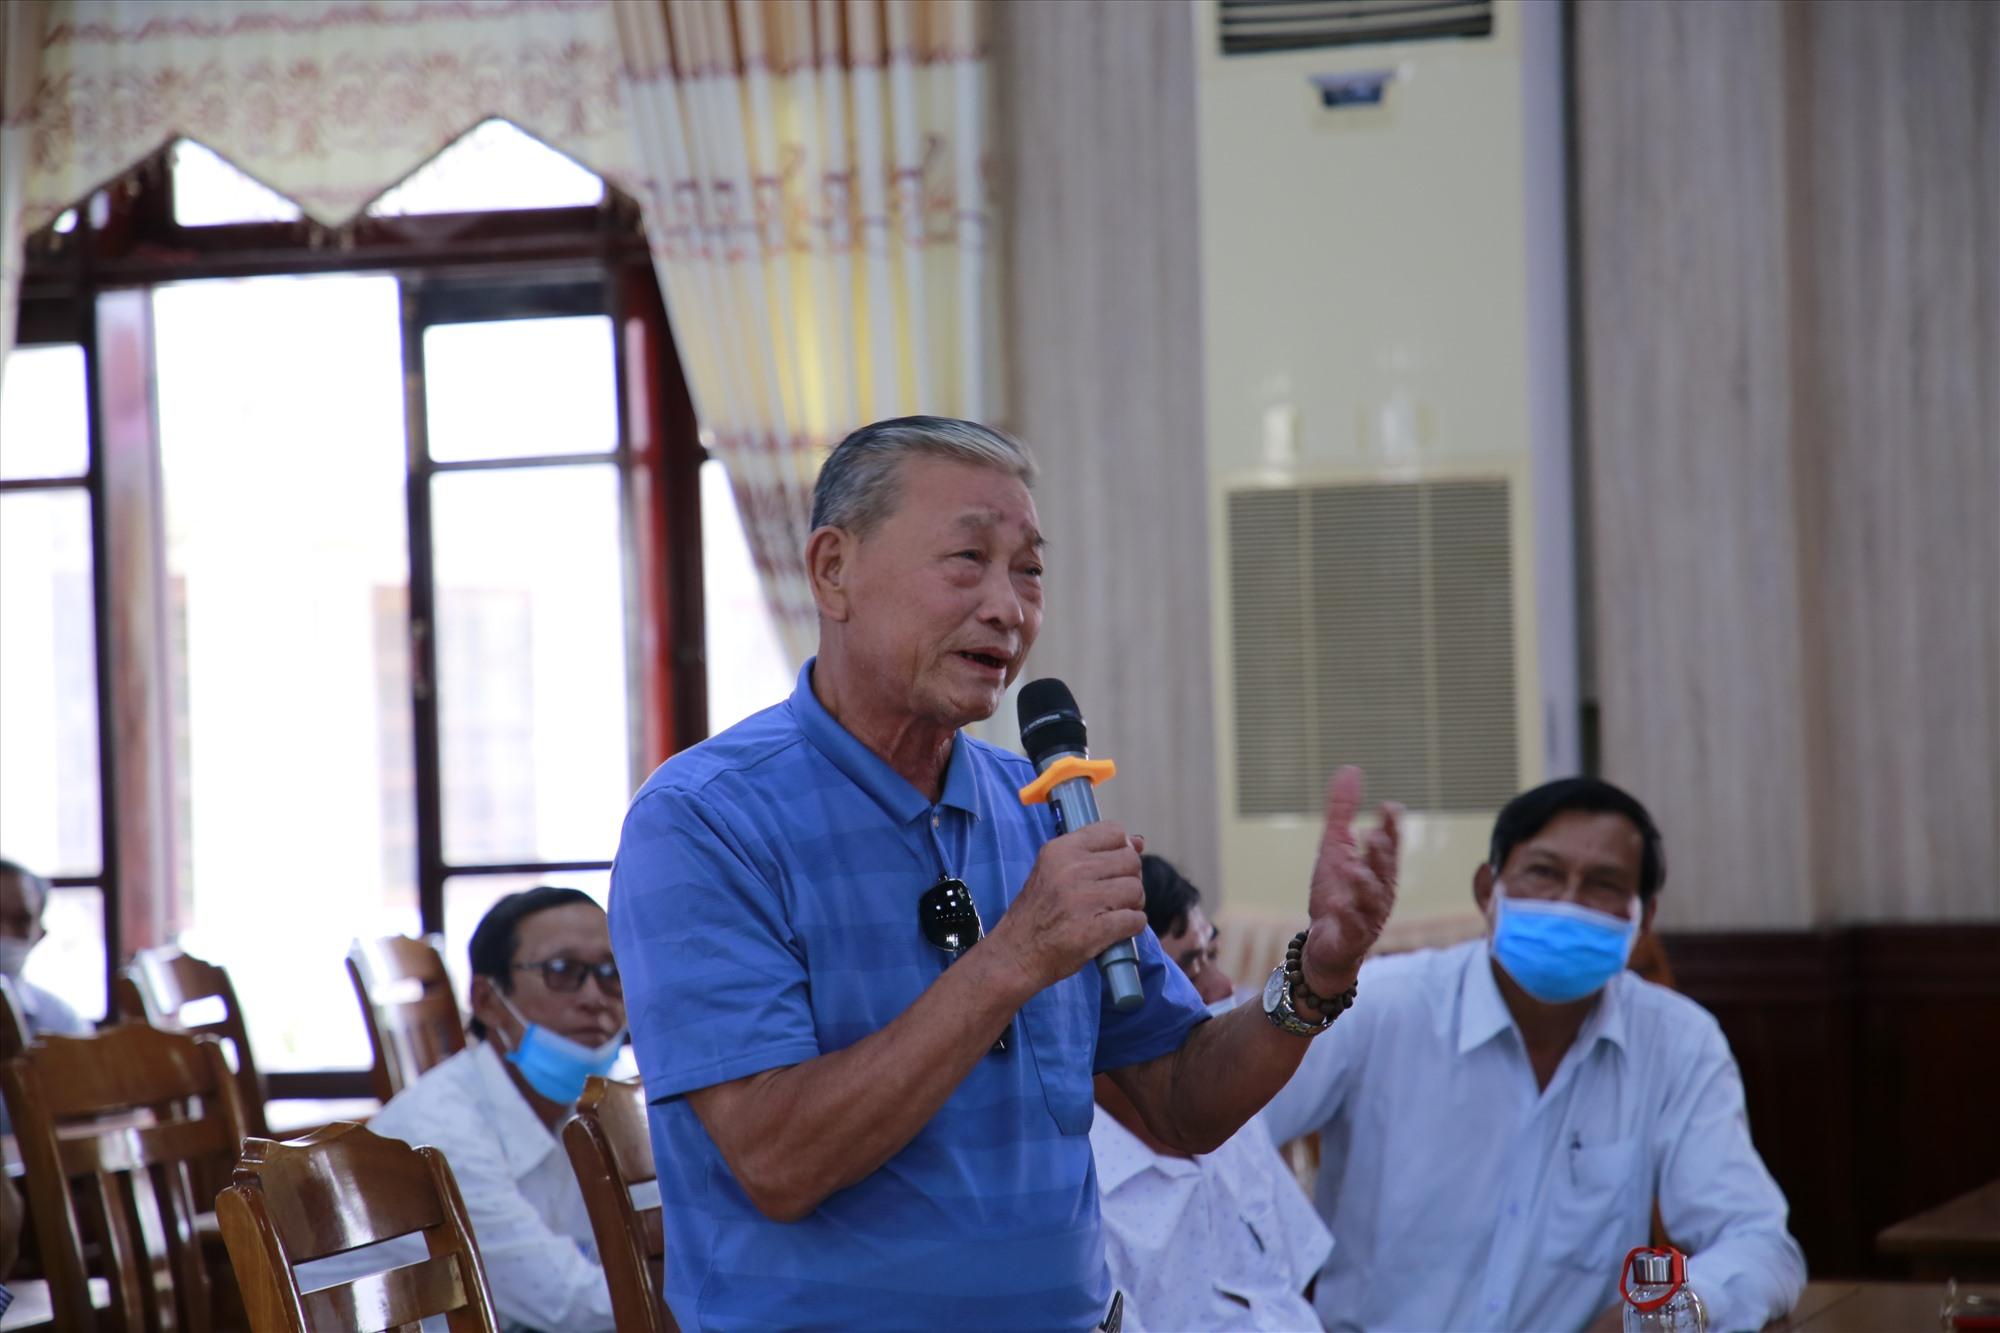 Cử tri thị xã Điện Bàn bày tỏ sự tin tưởng rất lớn đối với các ứng cử viên. Ảnh: T.C